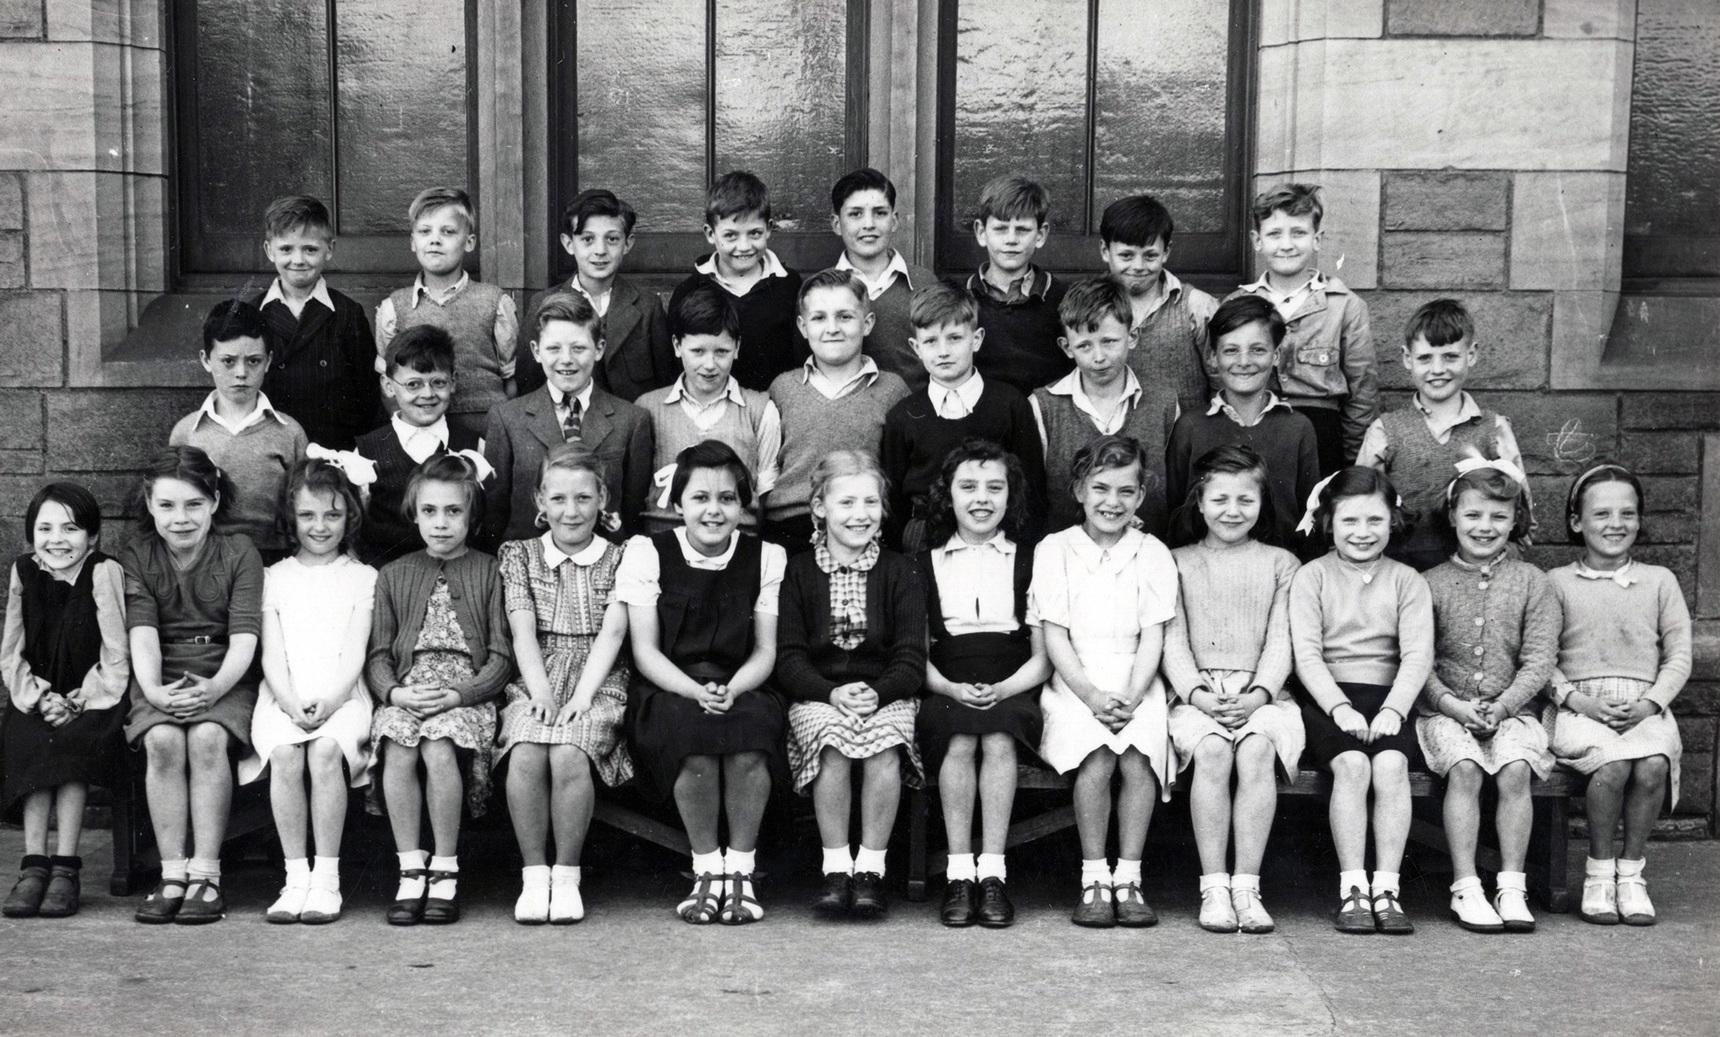 Bonnington Road School Class Portrait c.1947